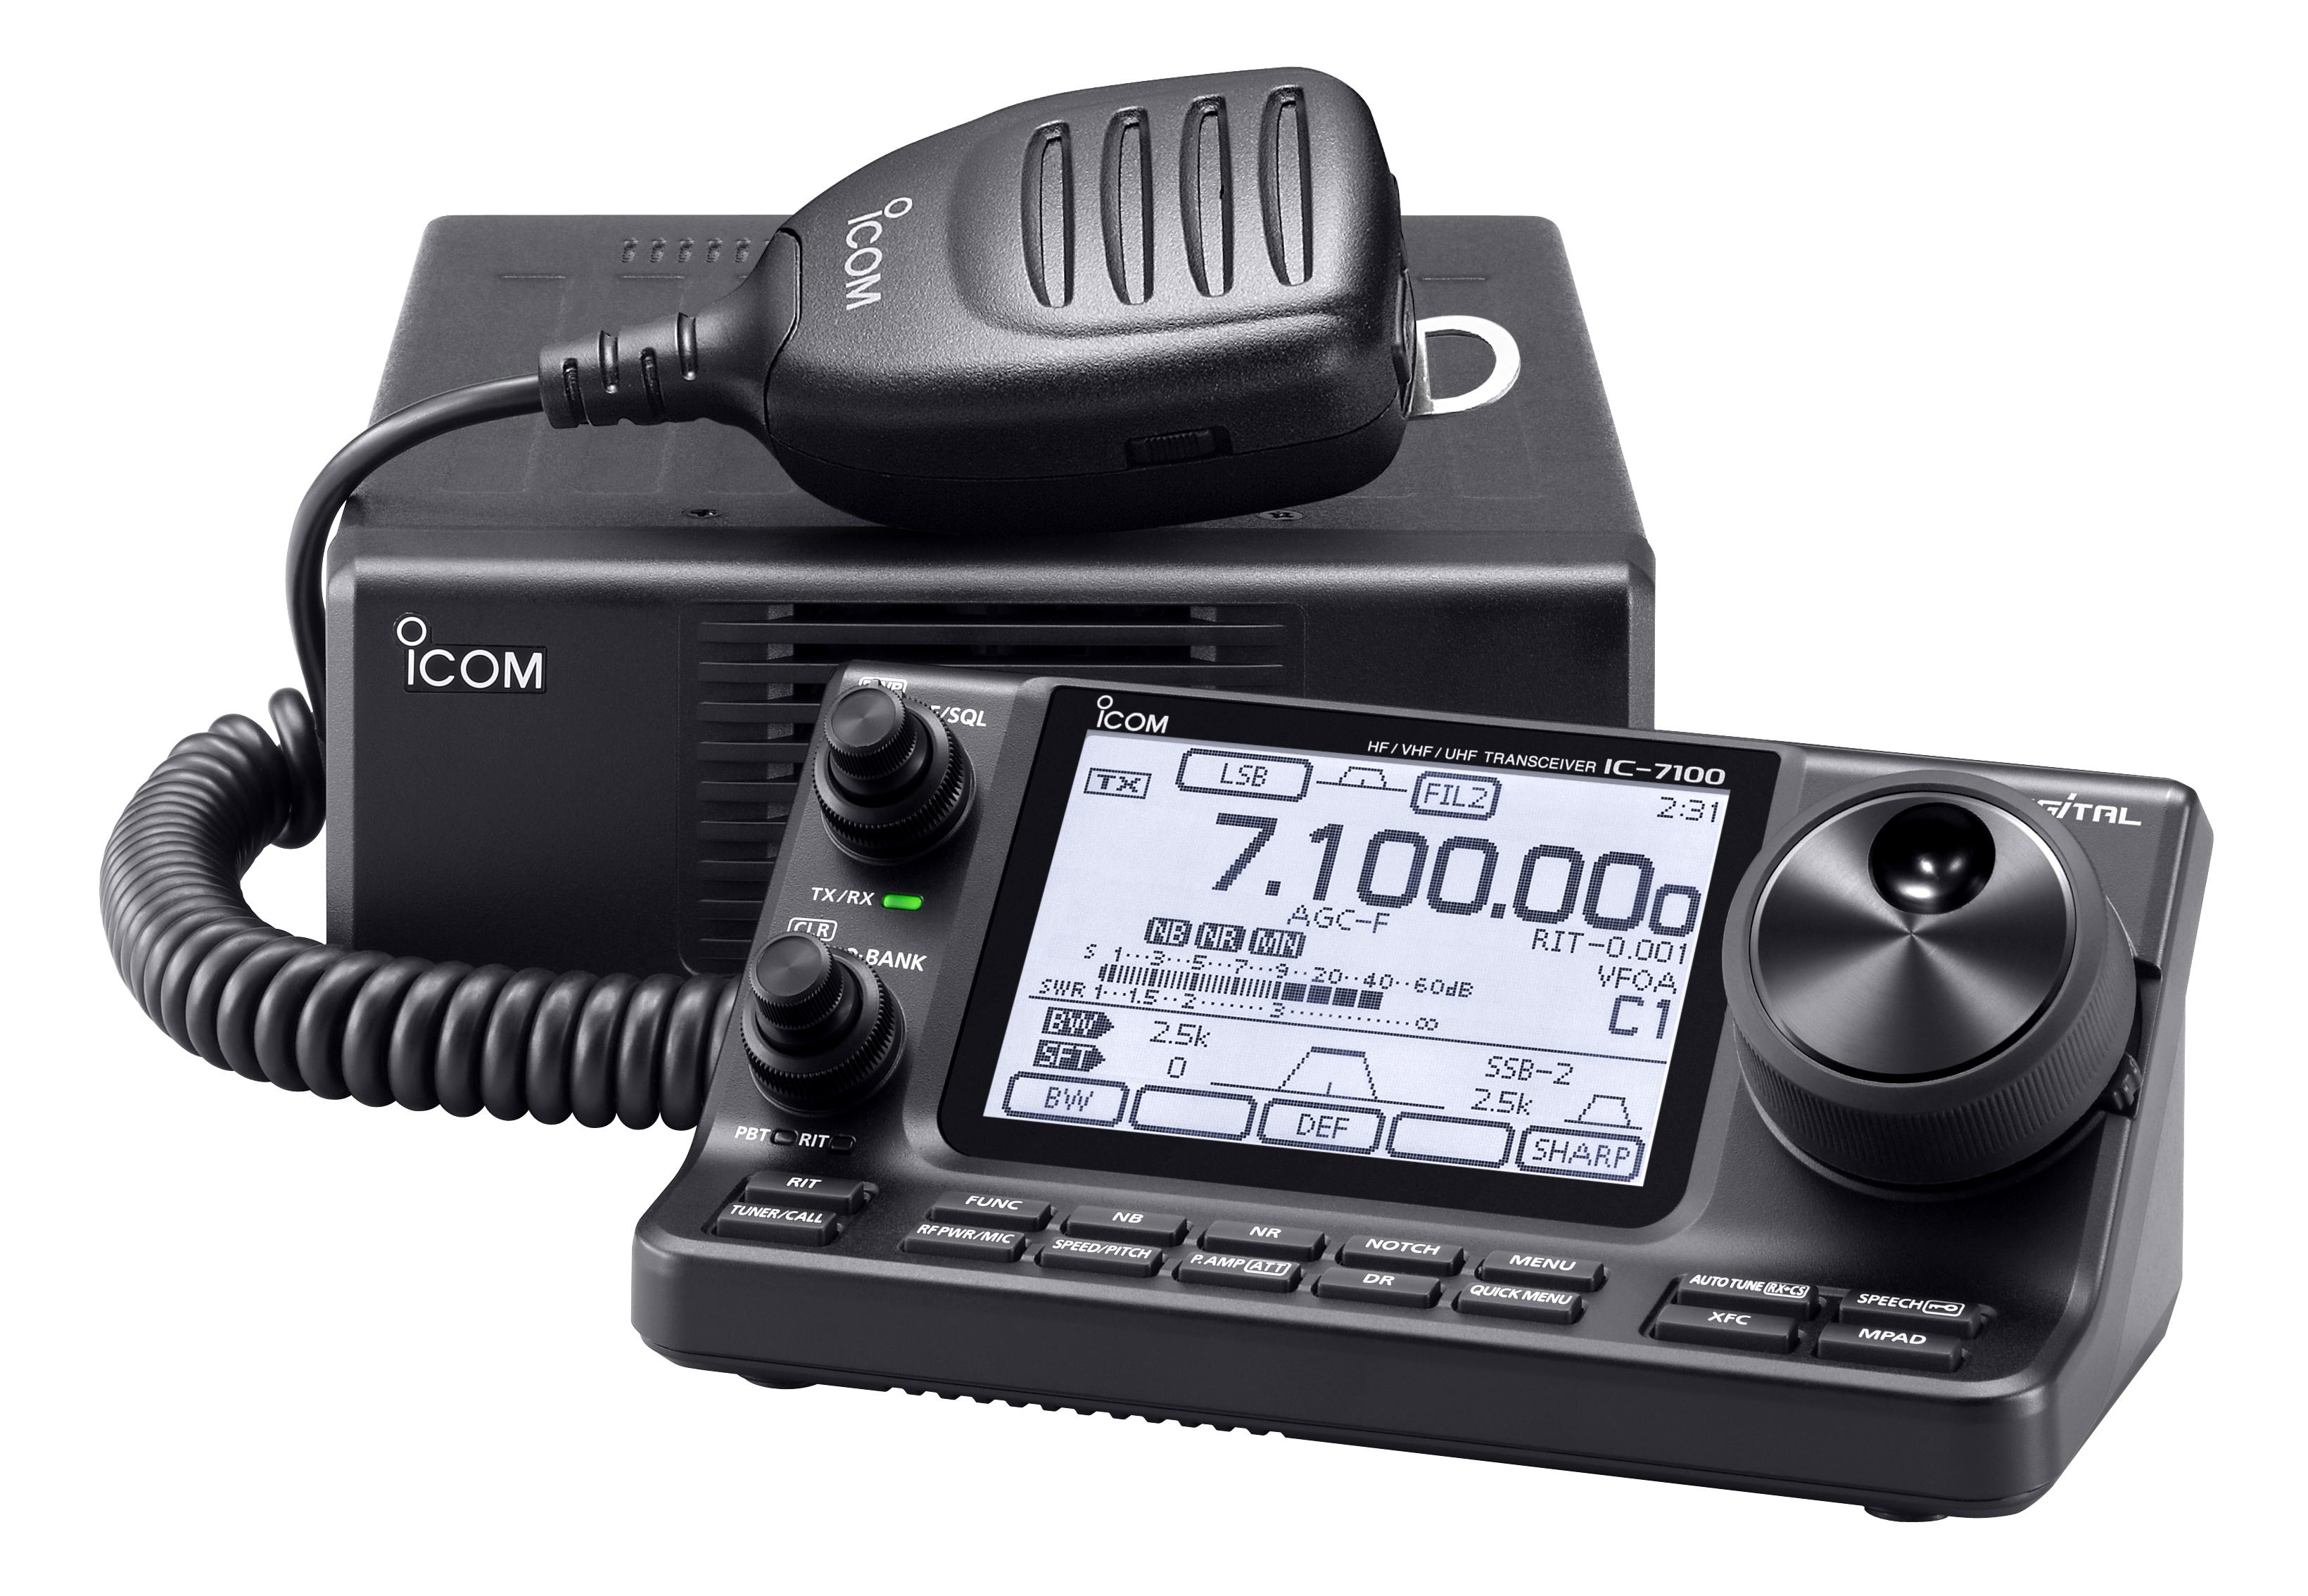 ICOM IC-7100 | Another Electronics Blog